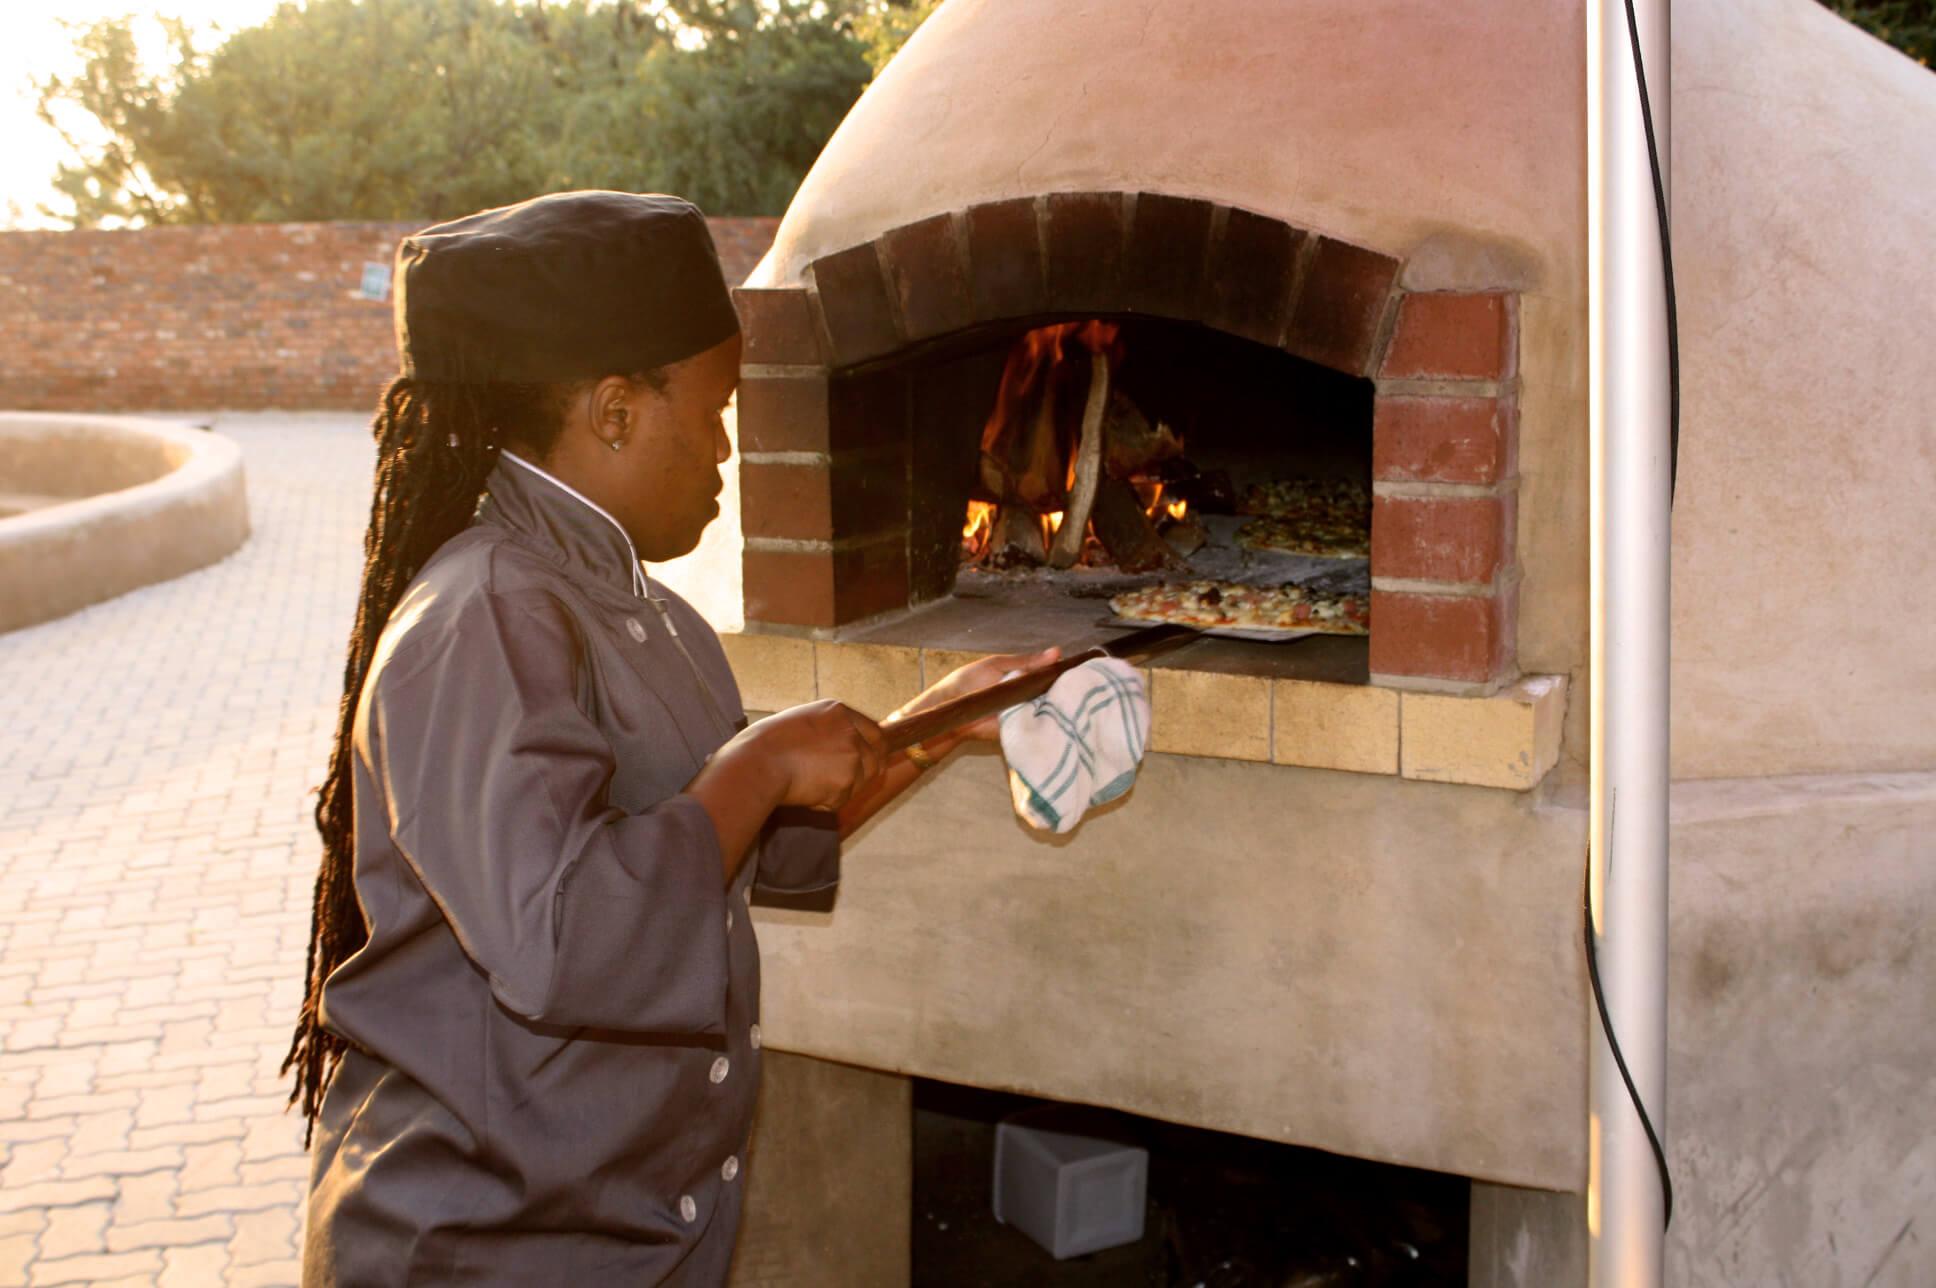 Monateng Pizza